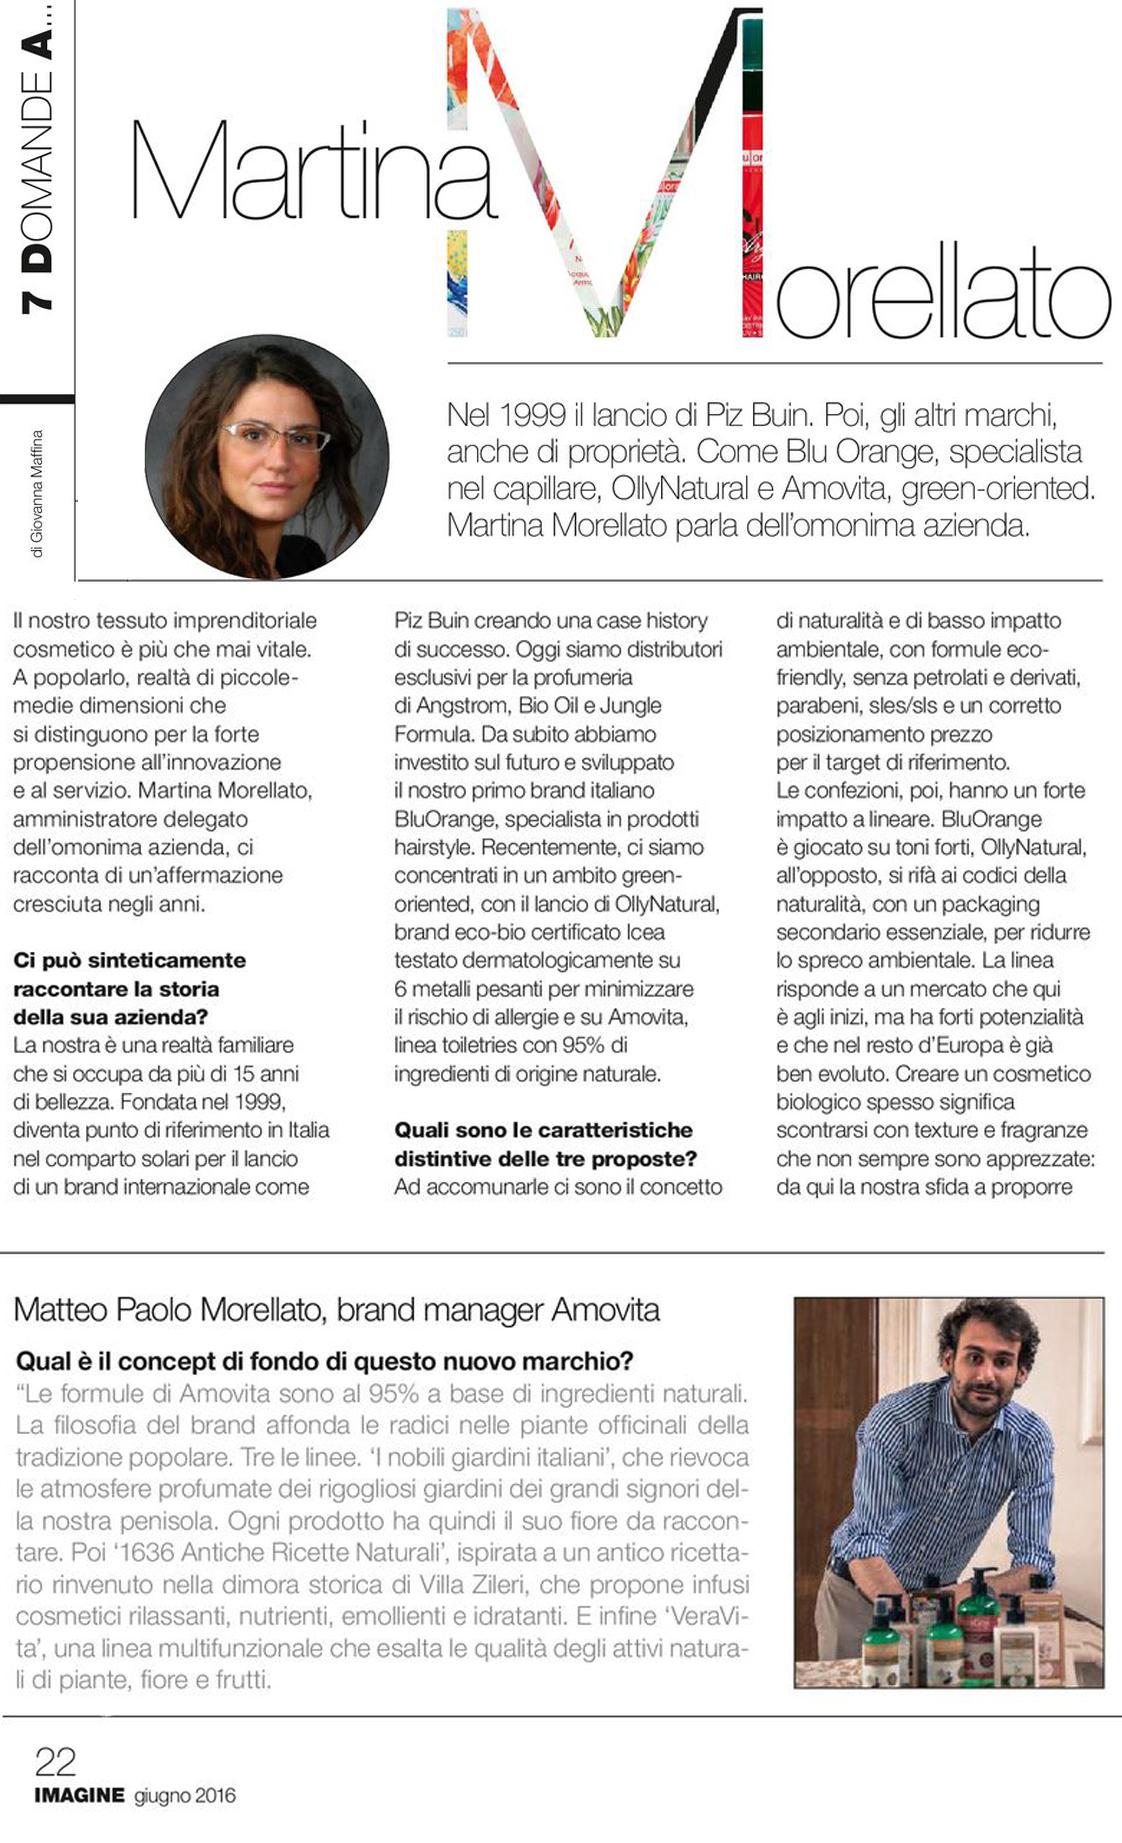 """Imagine: Interview to Martina Morellato """"7 questions to..."""""""